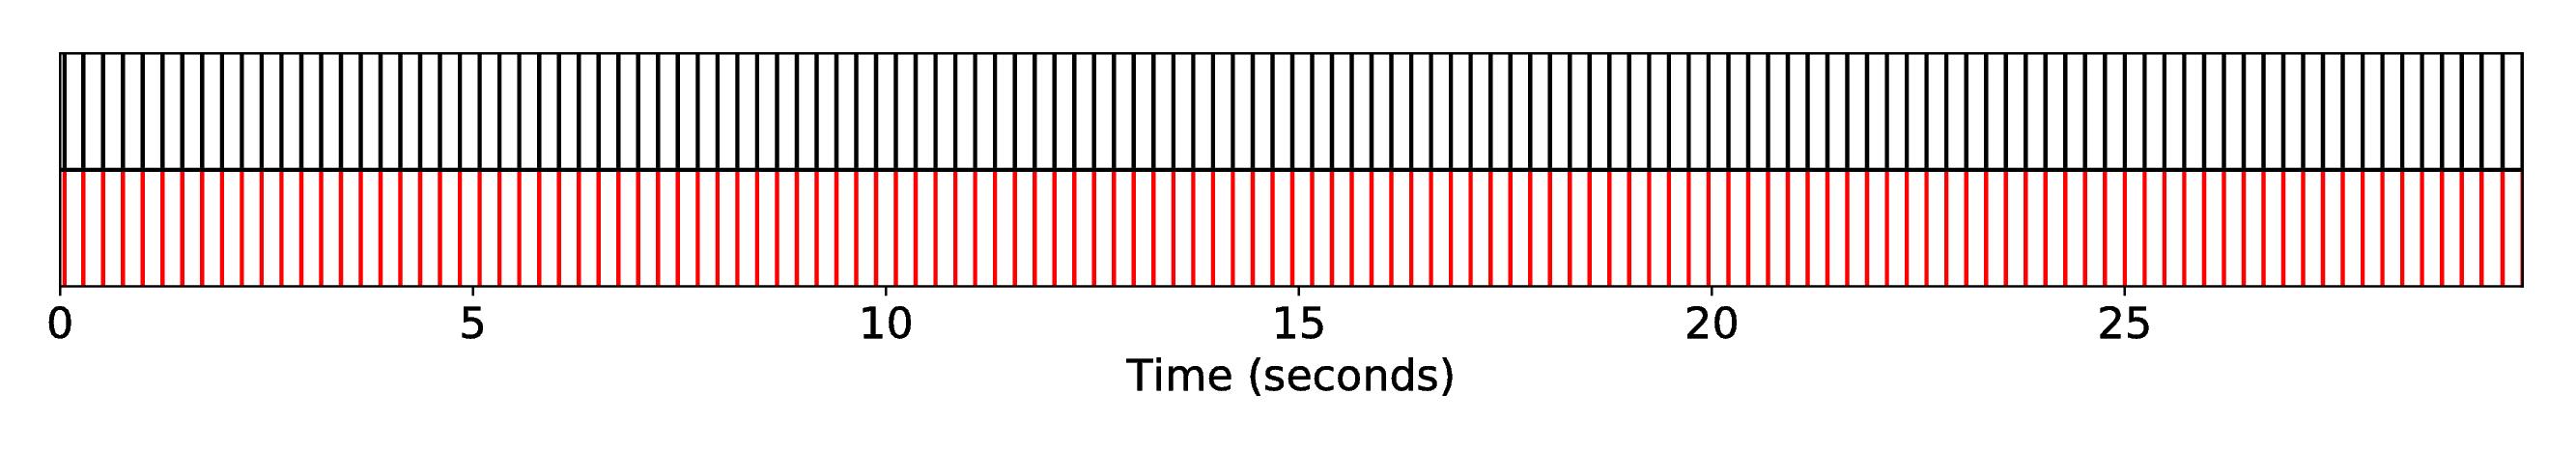 DP1_INT1_R-MRI-12__S-Bach__SequenceAlignment